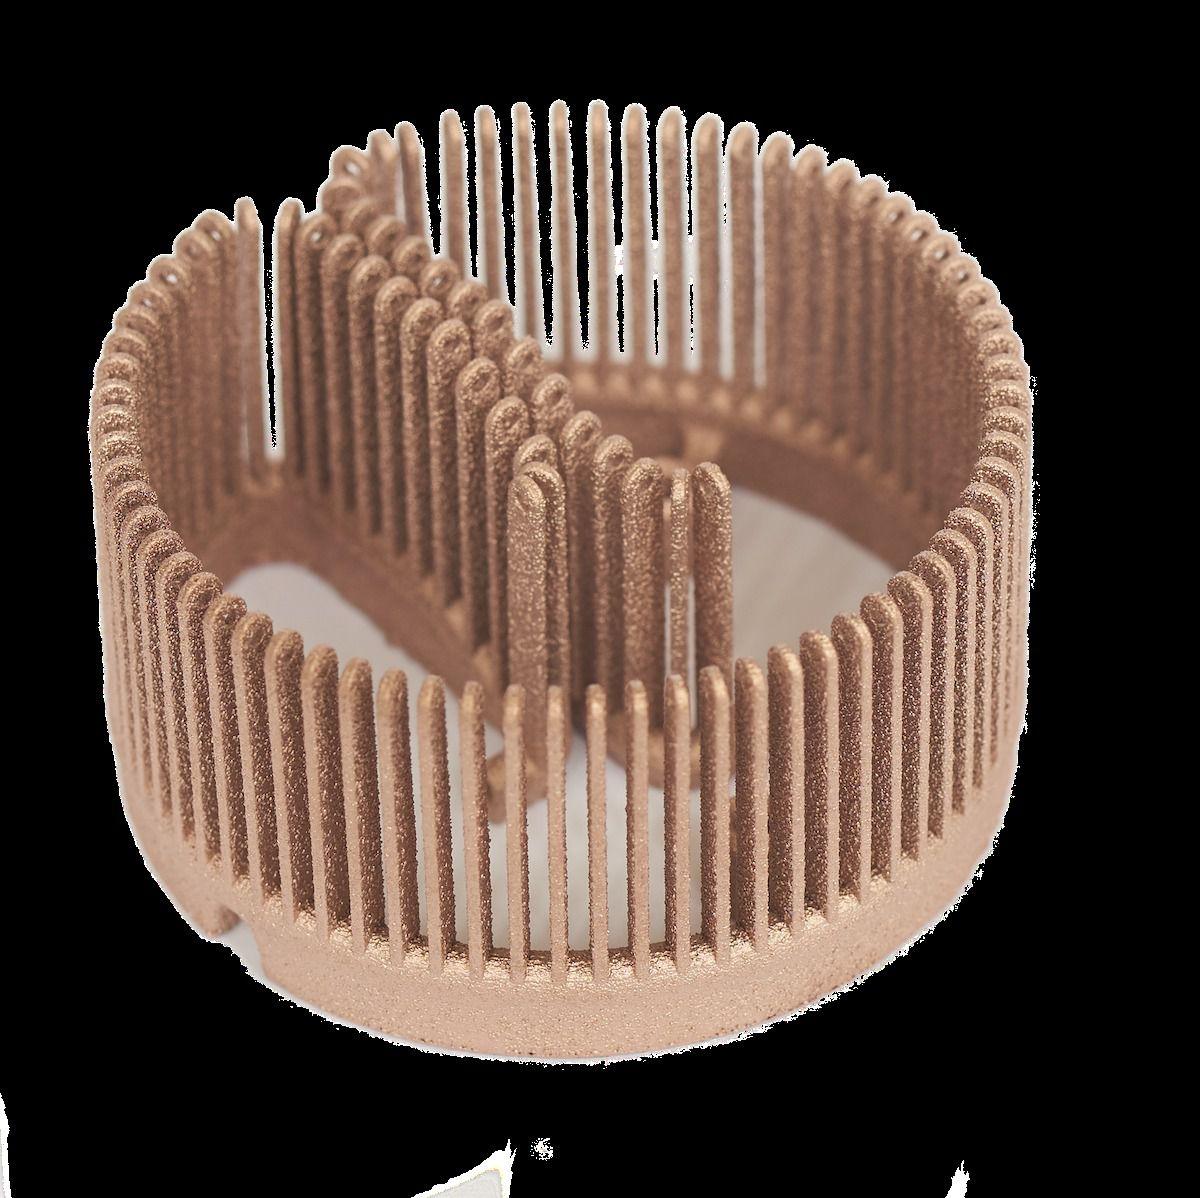 Copper alloy heat exchanger